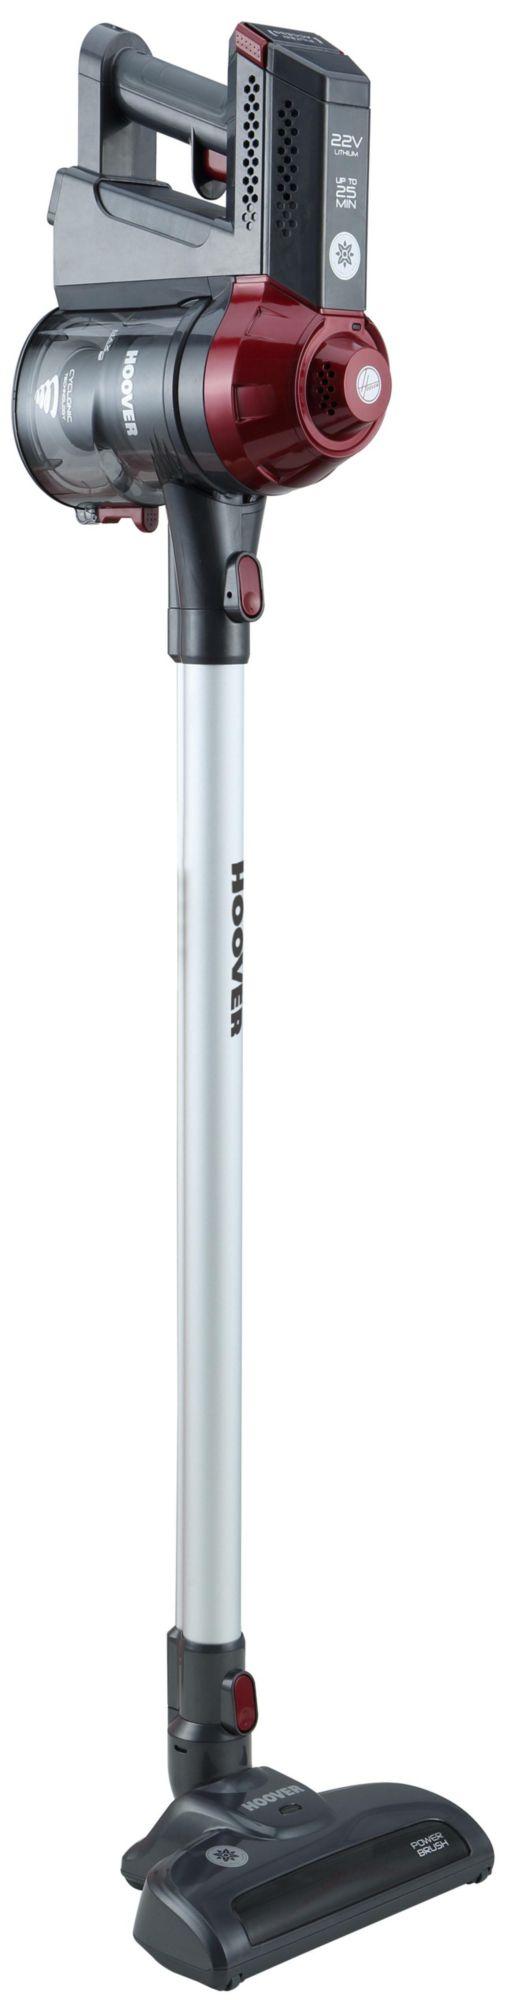 HOOVER Hoover Akku-Stabstaubsauger Freedom FD 22 RP, beutellos, Perlgrau/Intensivrot-metallic